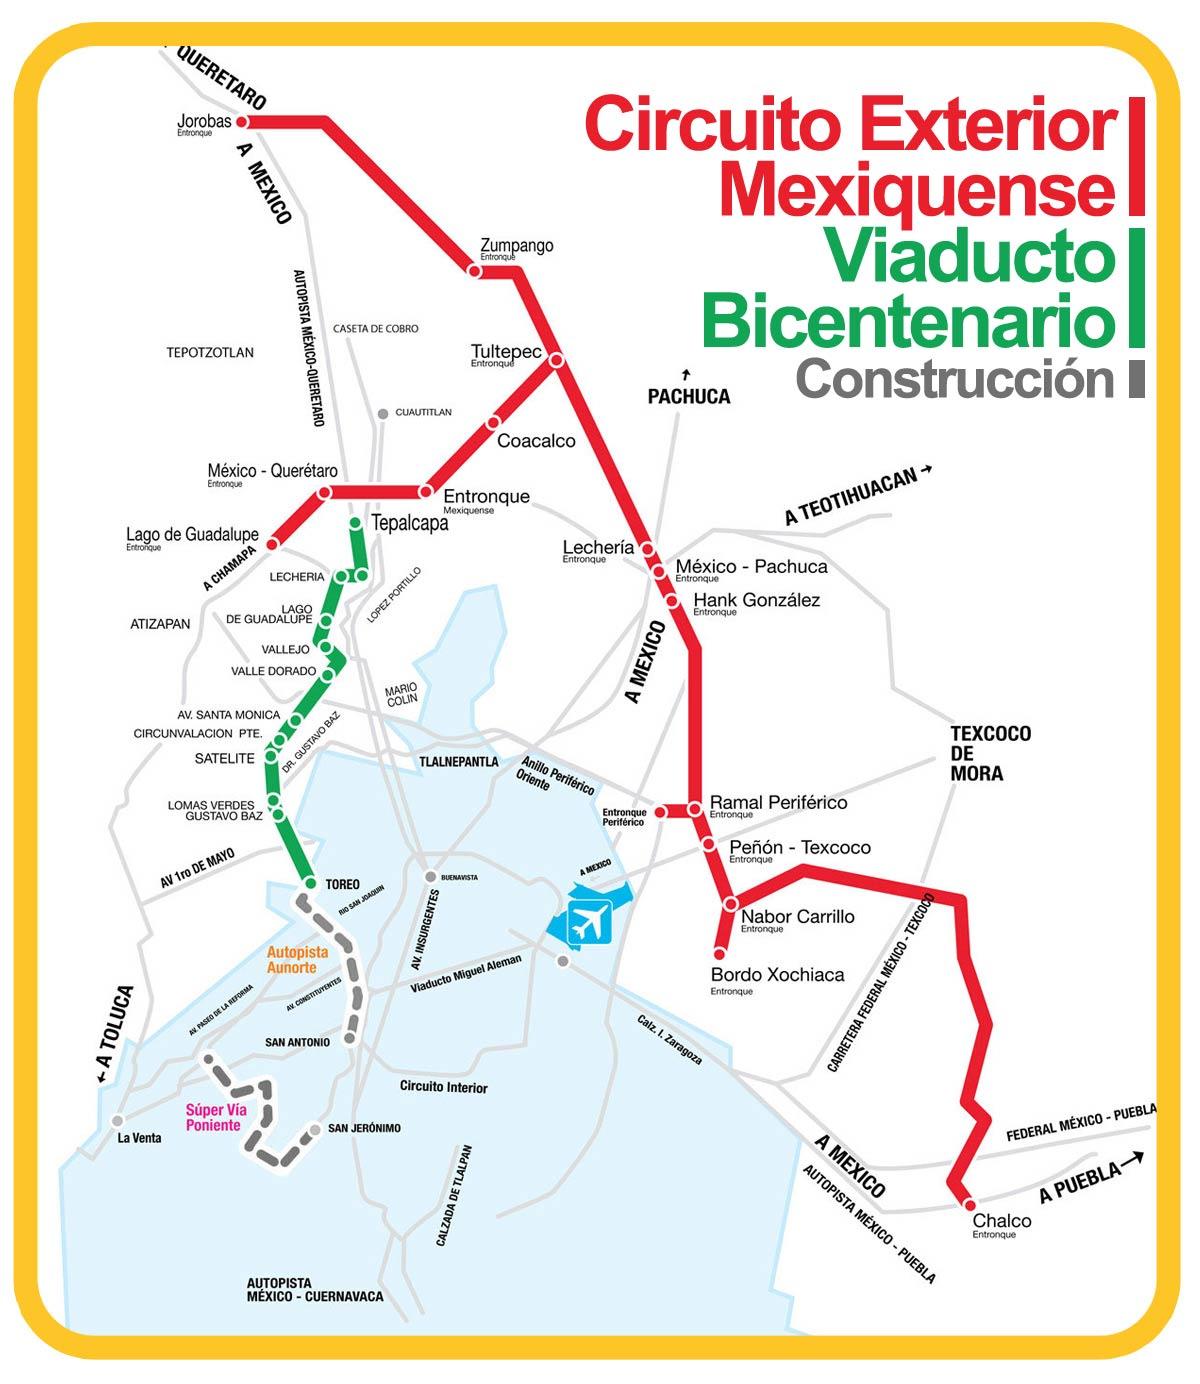 Circuito Los Arcos : Inaugurado el circuito exterior mexiquense mos ingenieros